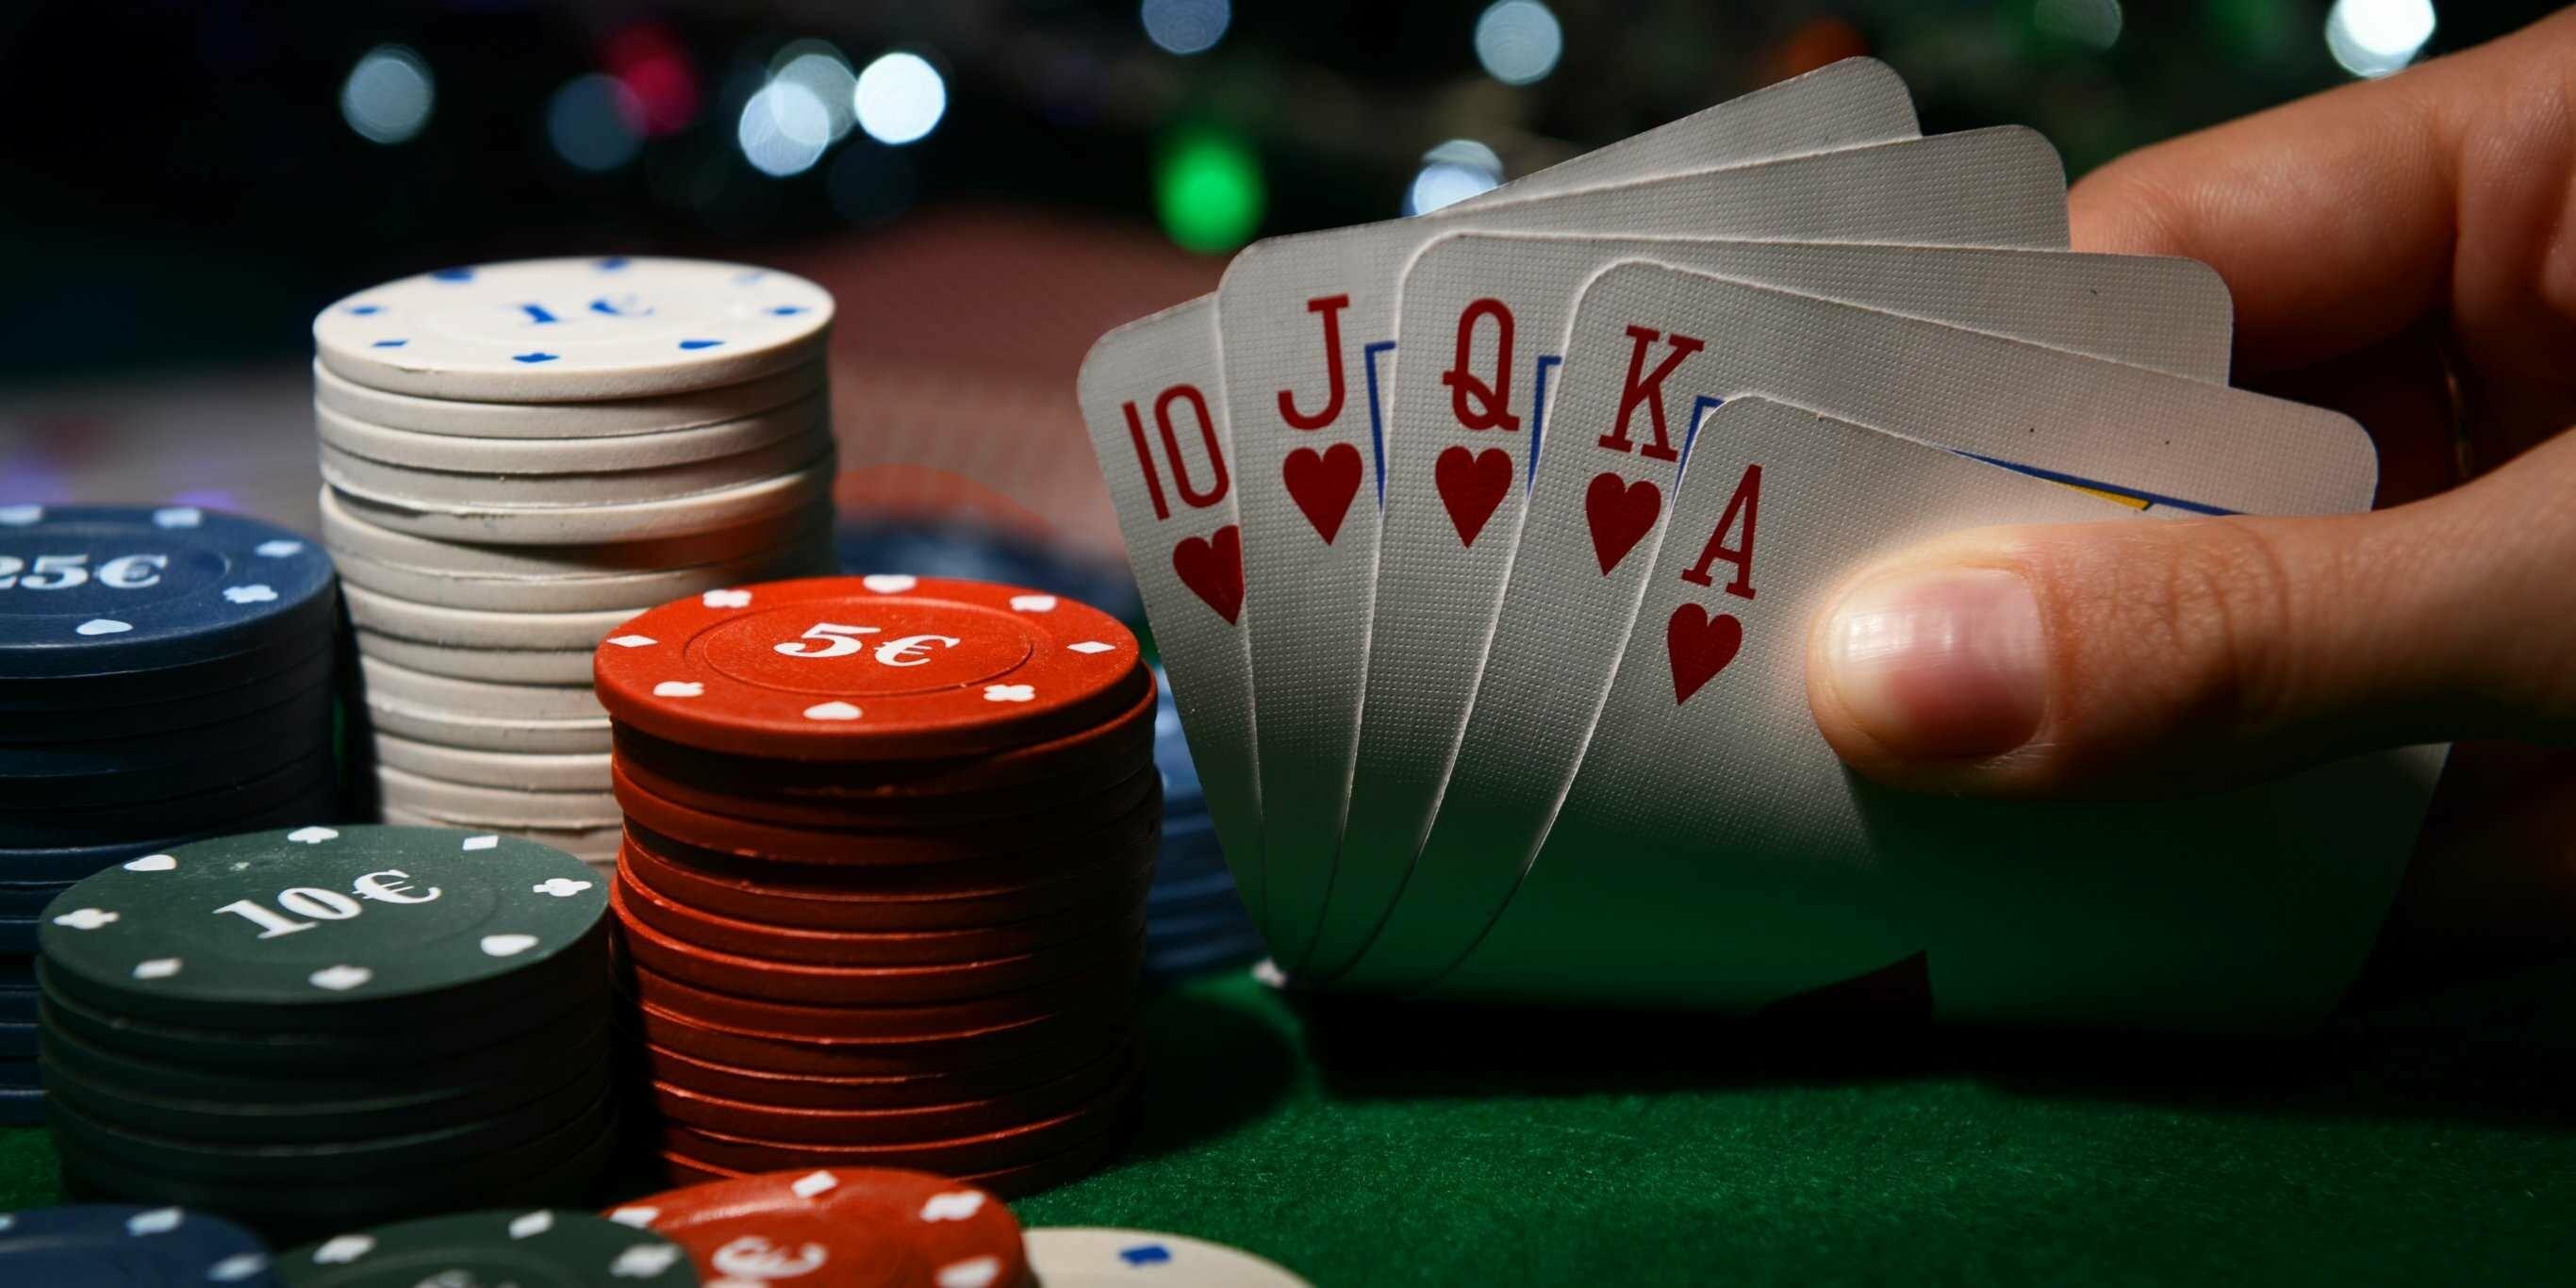 Лучшие сайты для онлайн покера где можно купить игровые автоматы в краснодаре для детей